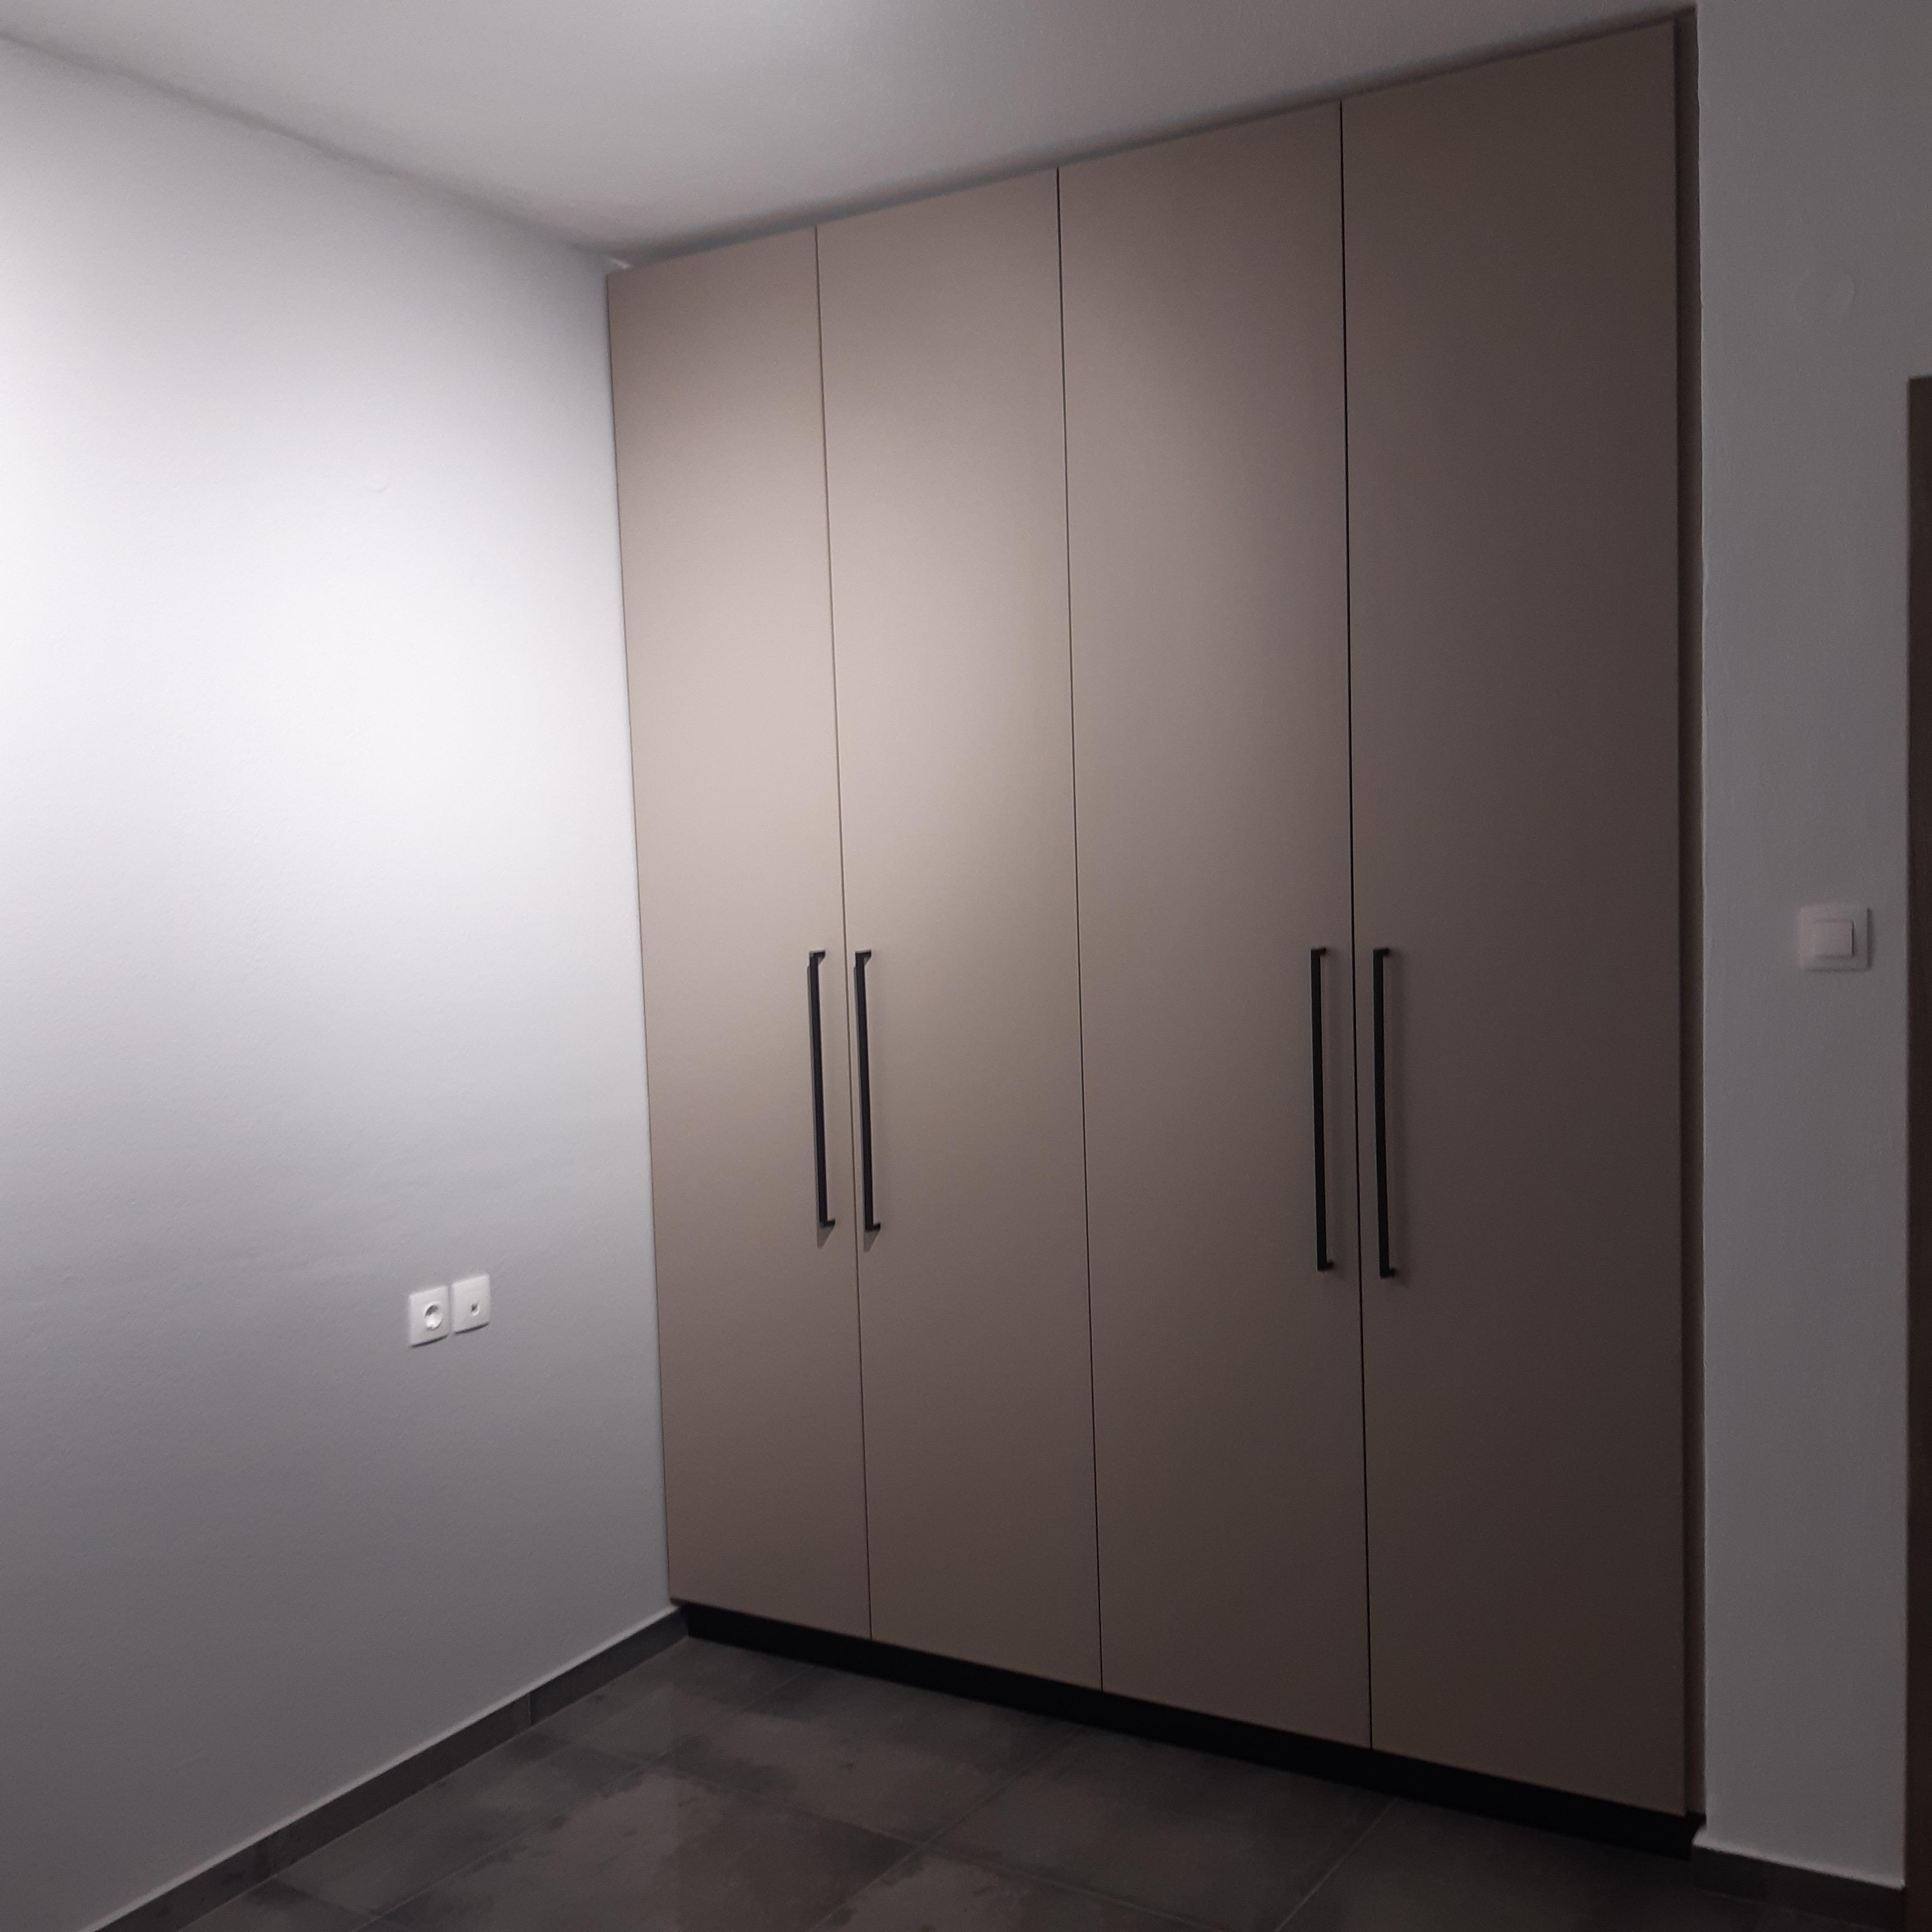 Τετράφυλλη ανοιγόμενη ντουλάπα σε βακελίτη.